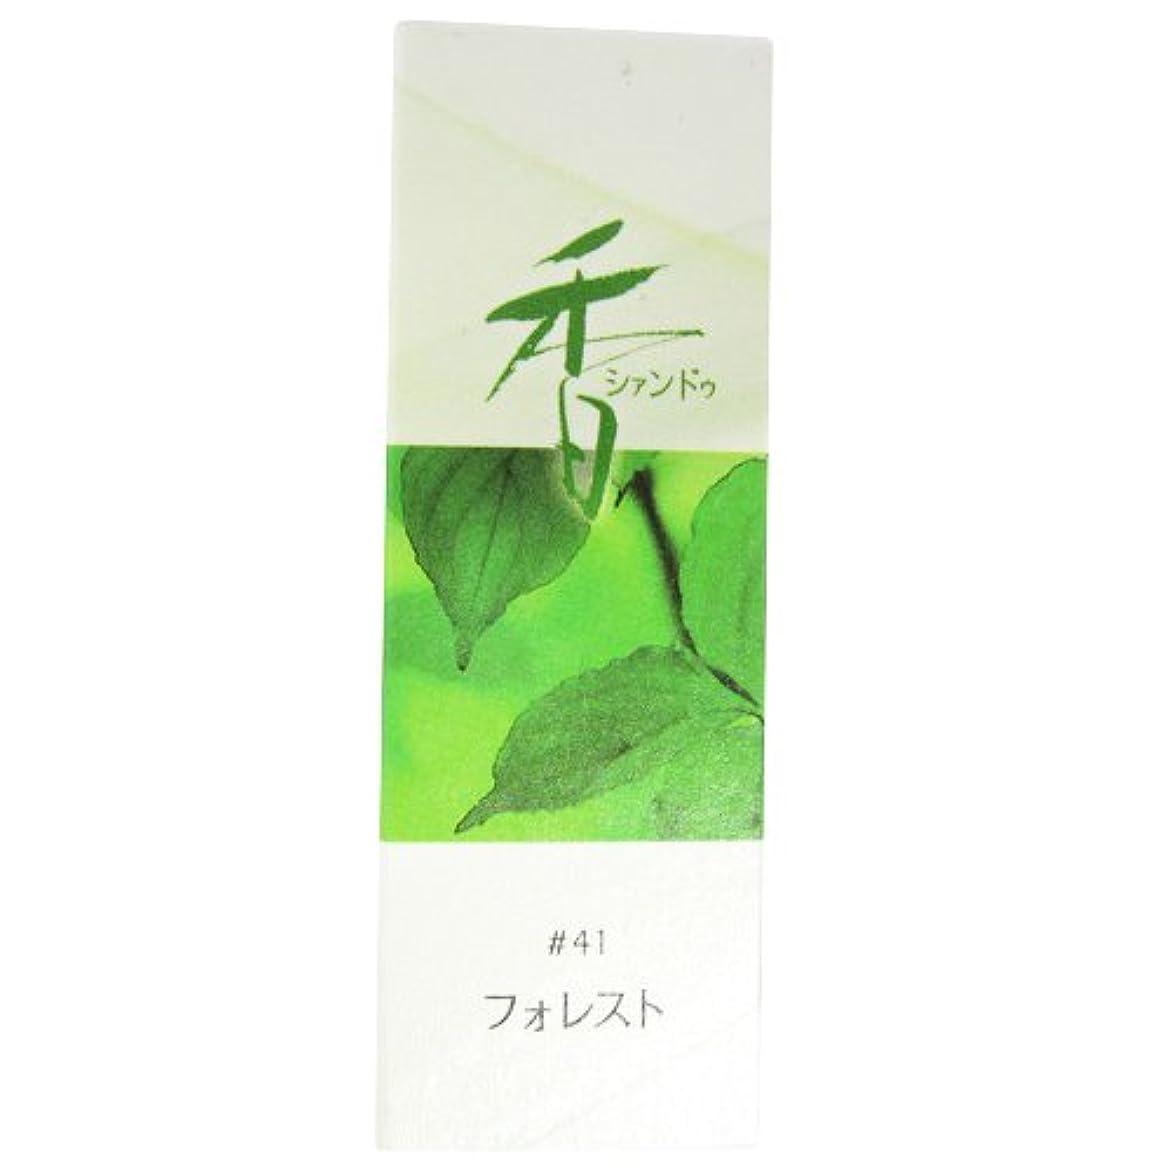 ソブリケットおもてなし理解松栄堂のお香 Xiang Do フォレスト ST20本入 簡易香立付 #214241